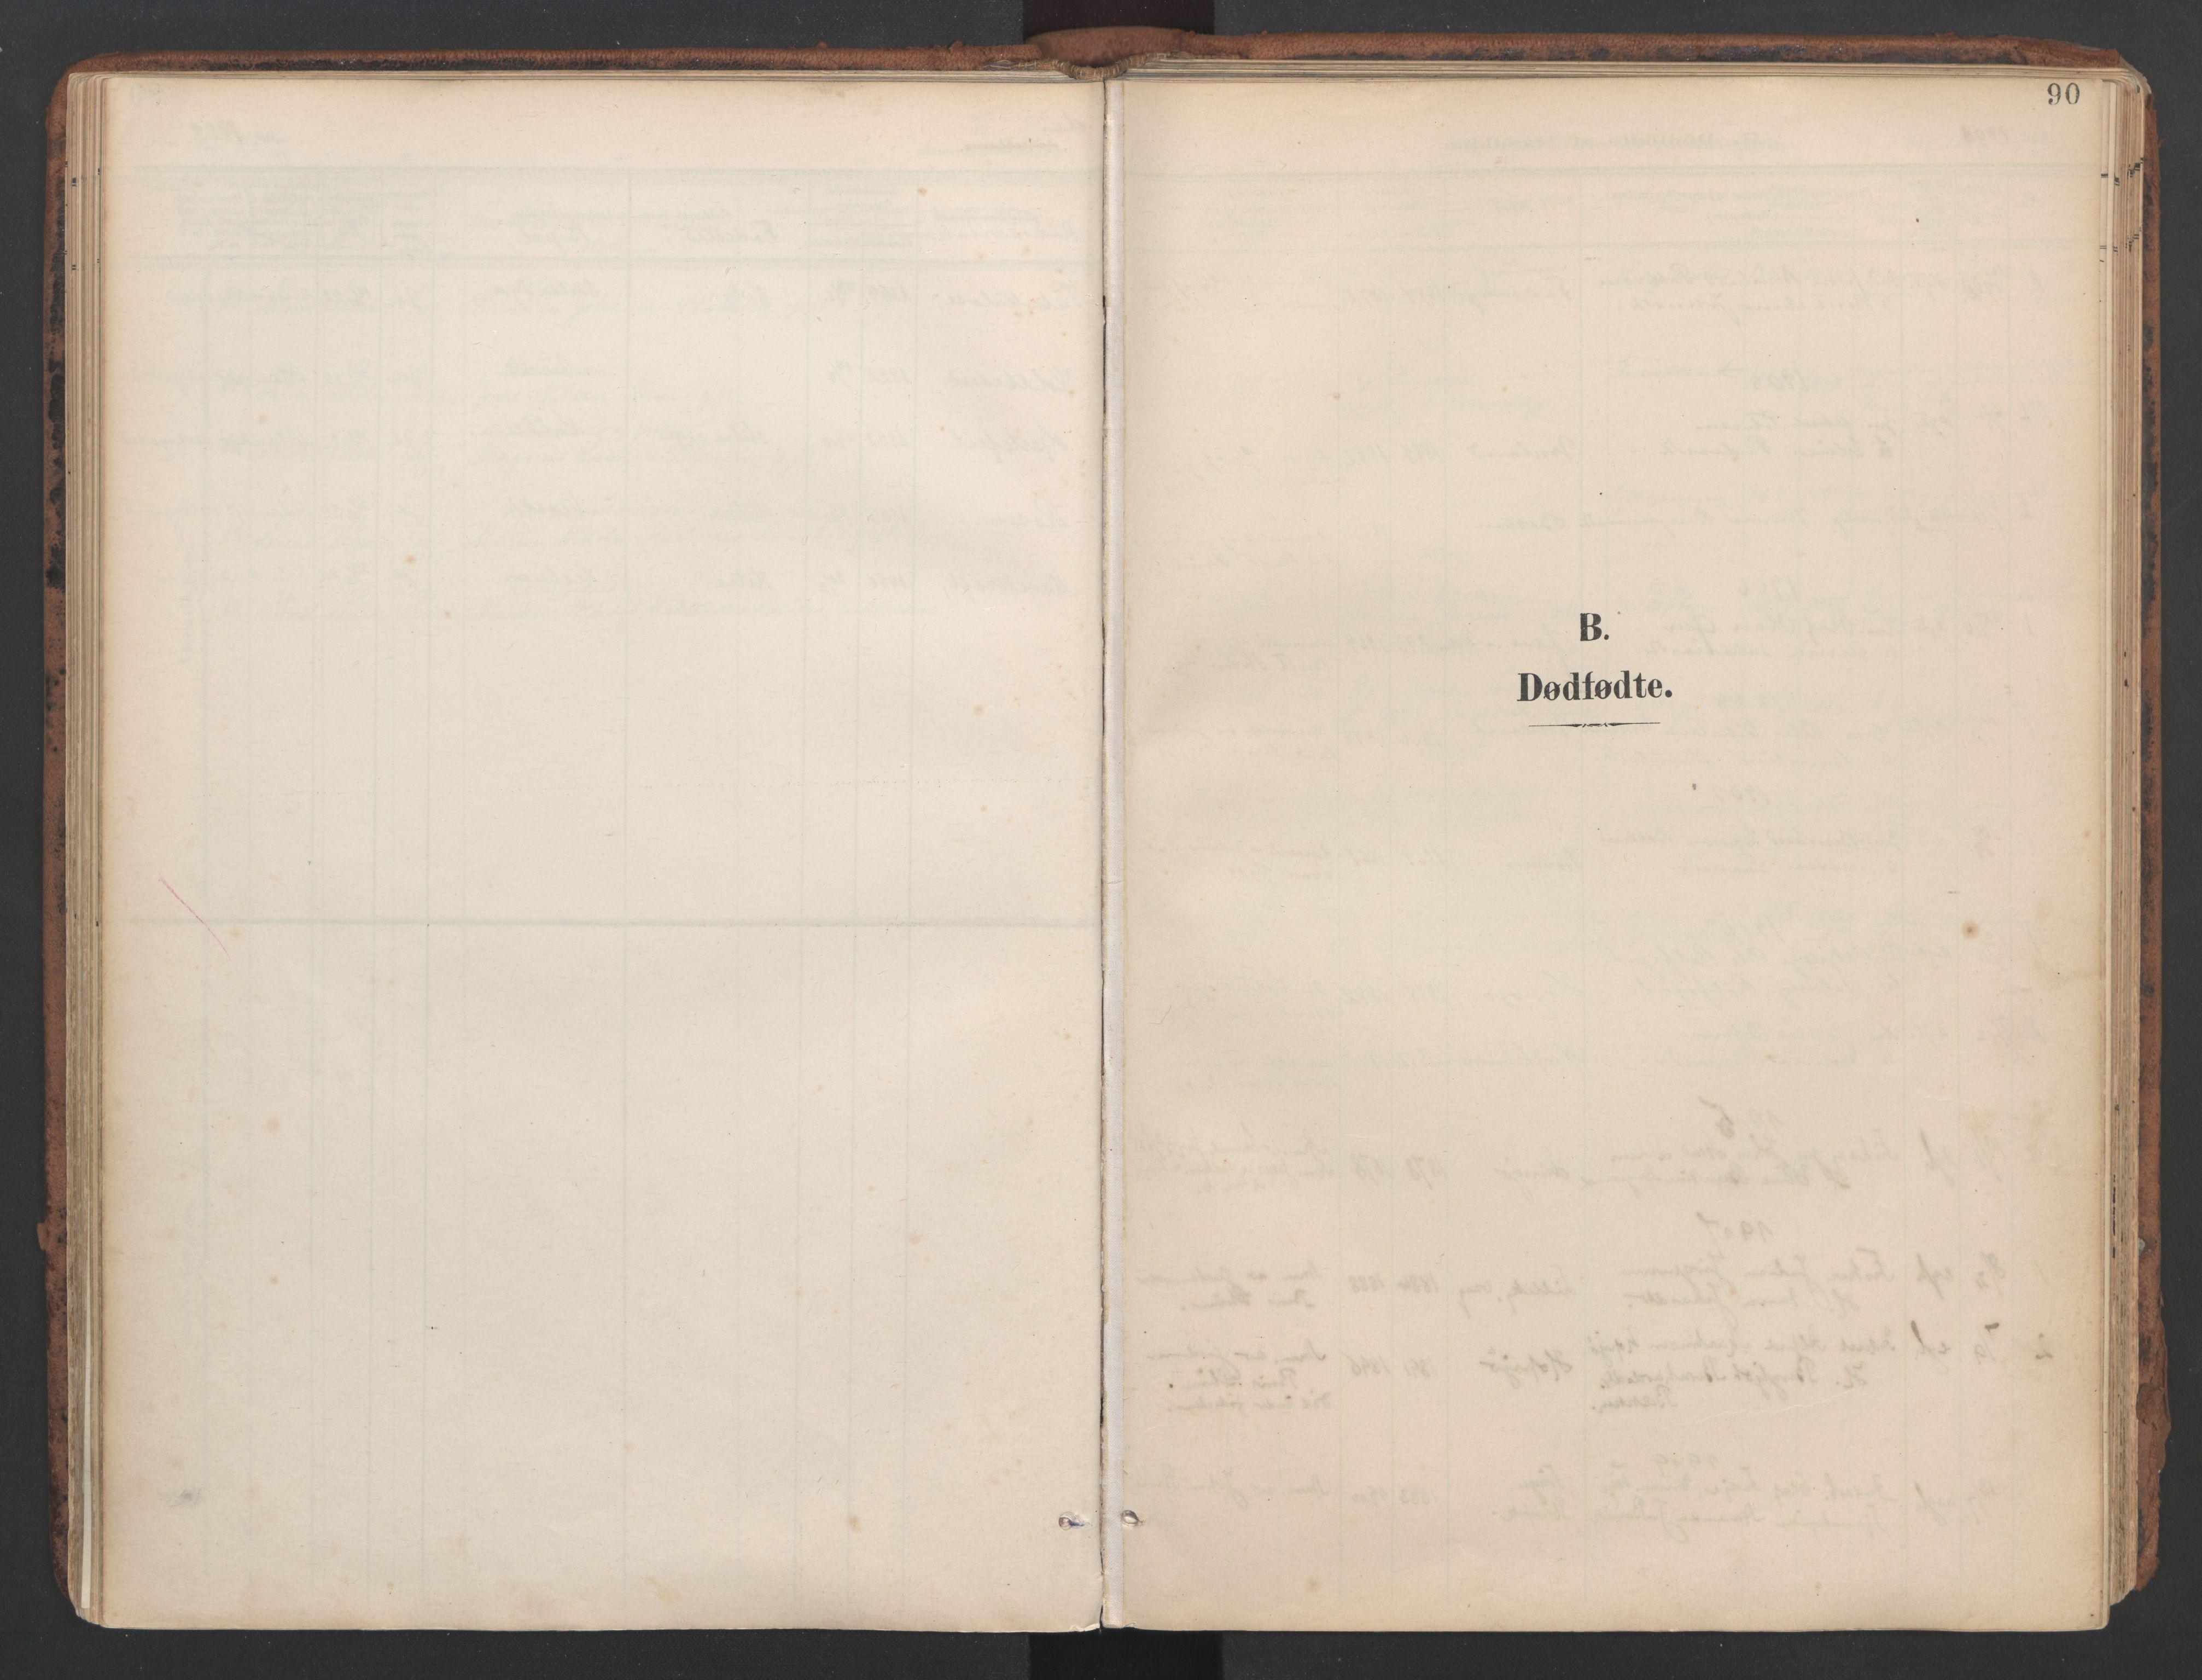 SAT, Ministerialprotokoller, klokkerbøker og fødselsregistre - Sør-Trøndelag, 634/L0537: Ministerialbok nr. 634A13, 1896-1922, s. 90